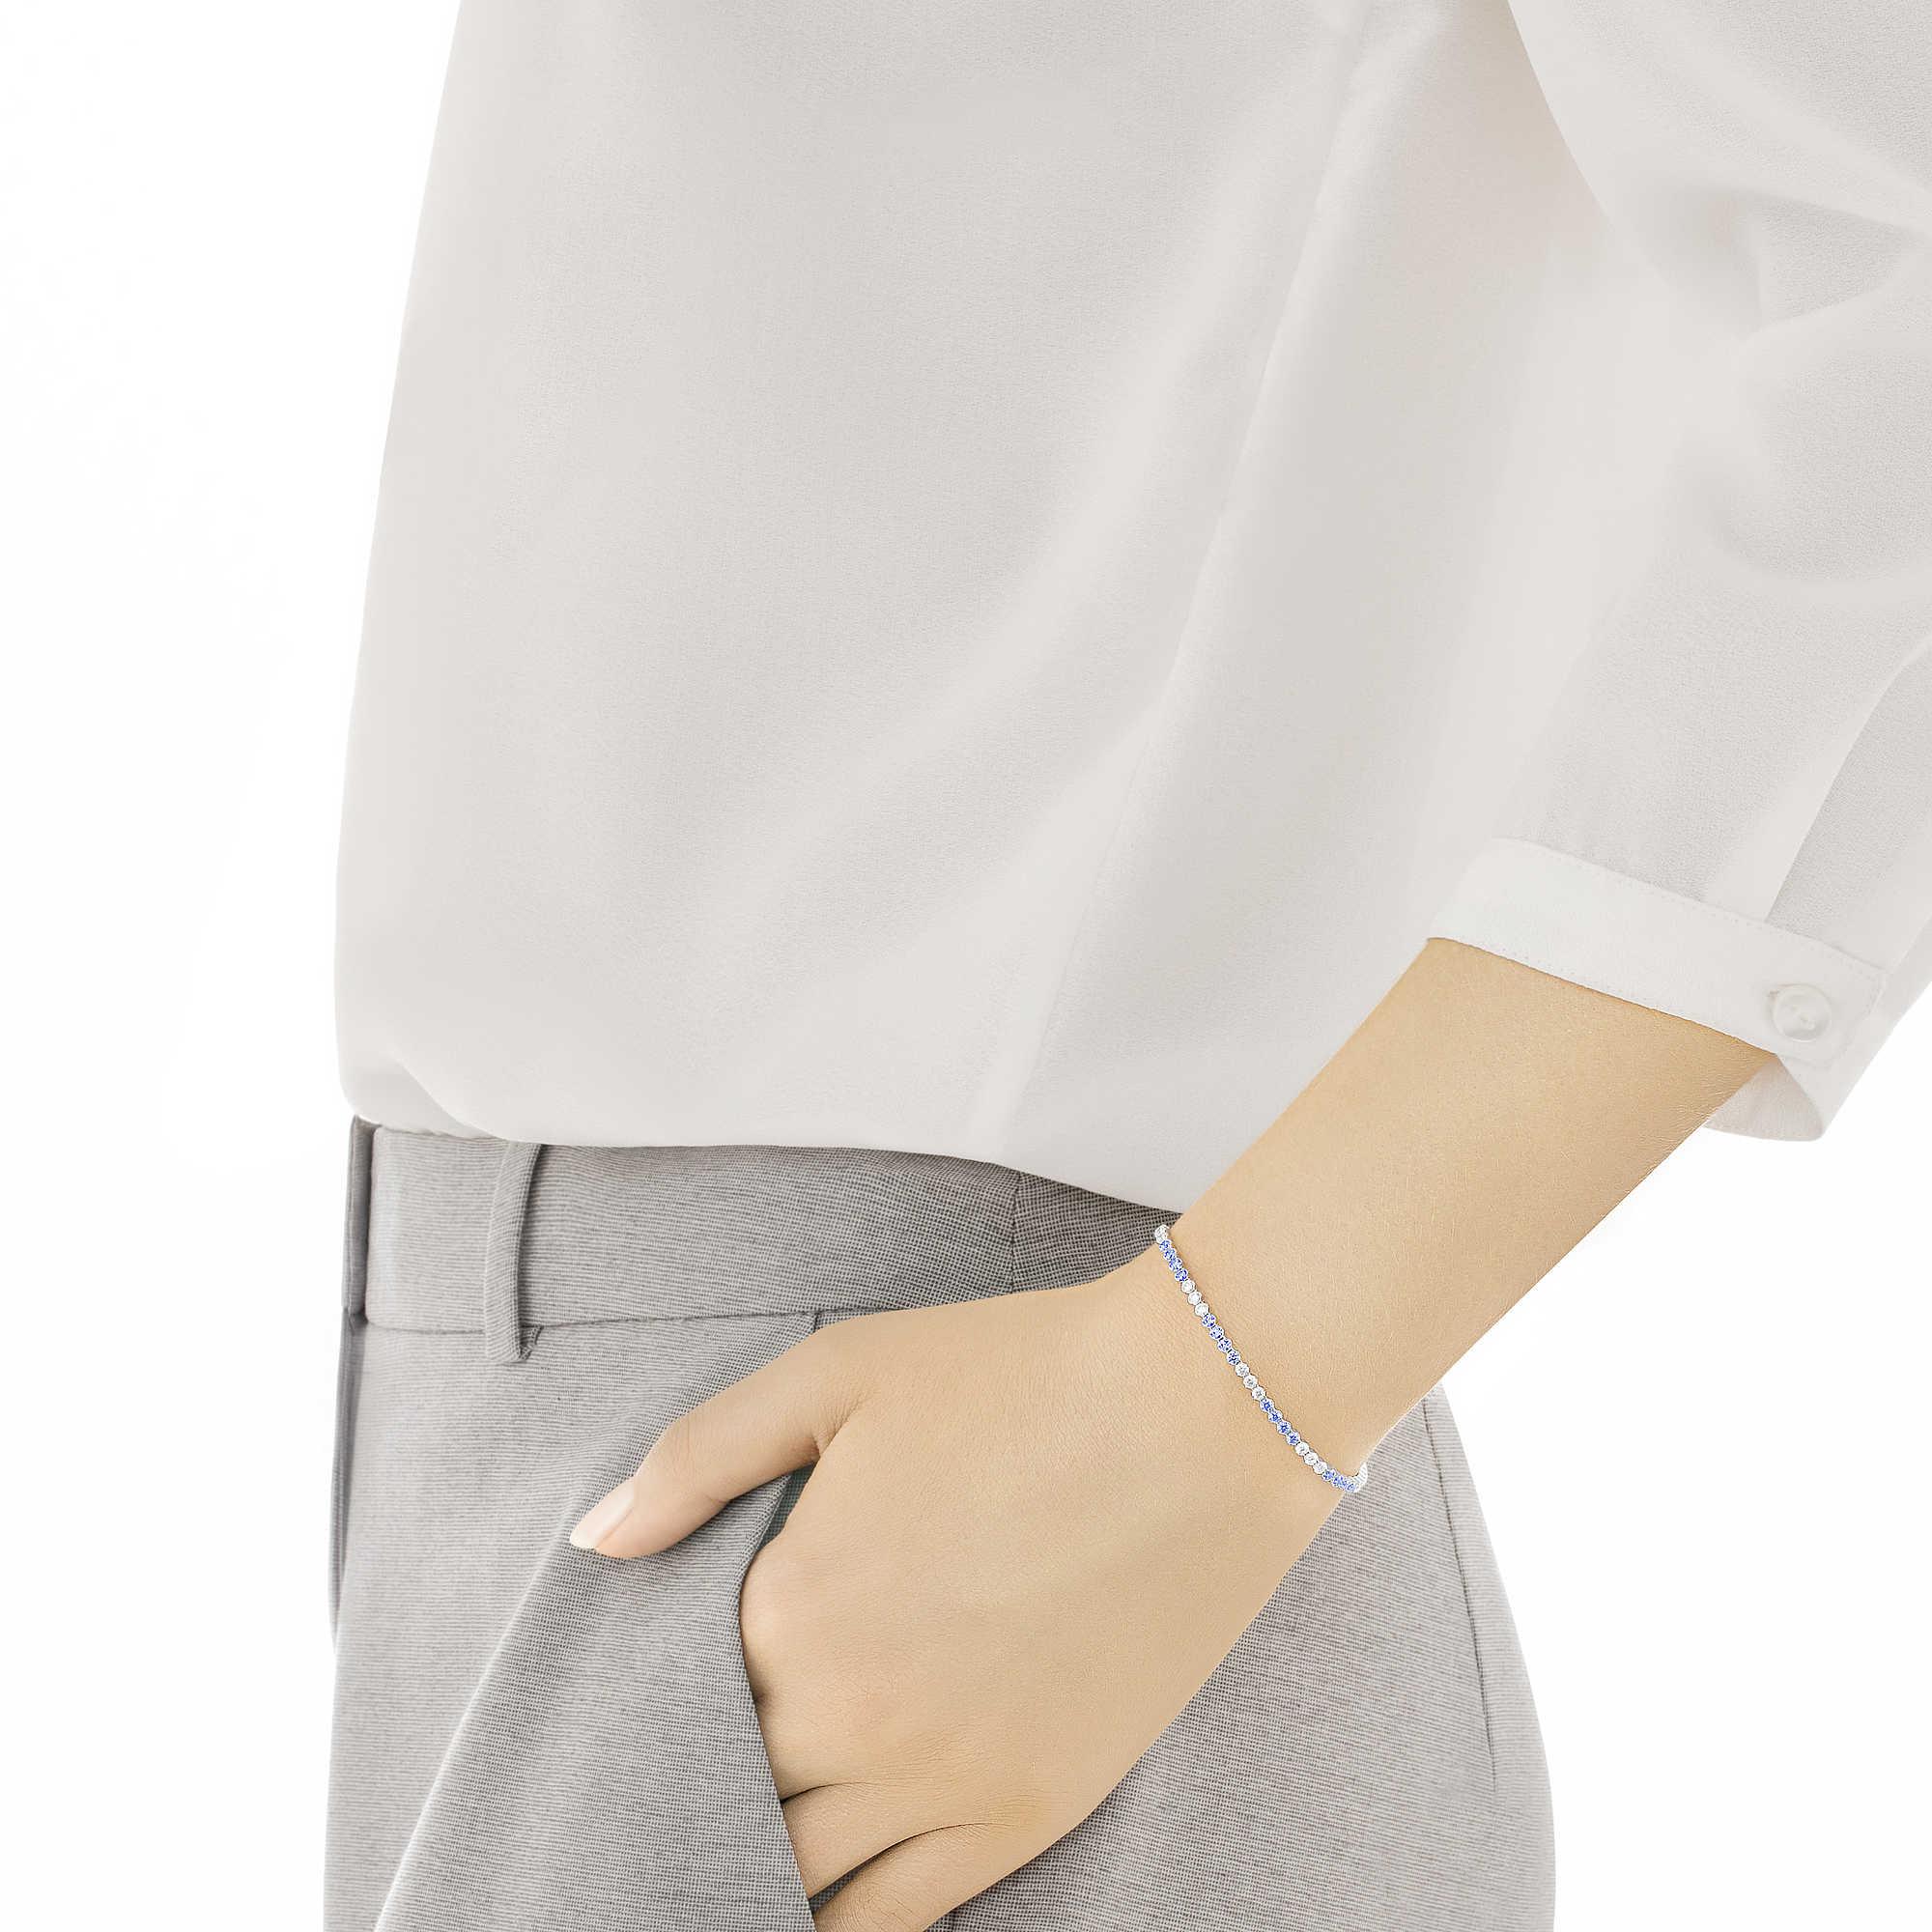 armband-frau-schmuck-swarovski-subtle-5382305_13382_zoom Elegantes Stoff Mit Swarovski Steinen Dekorationen